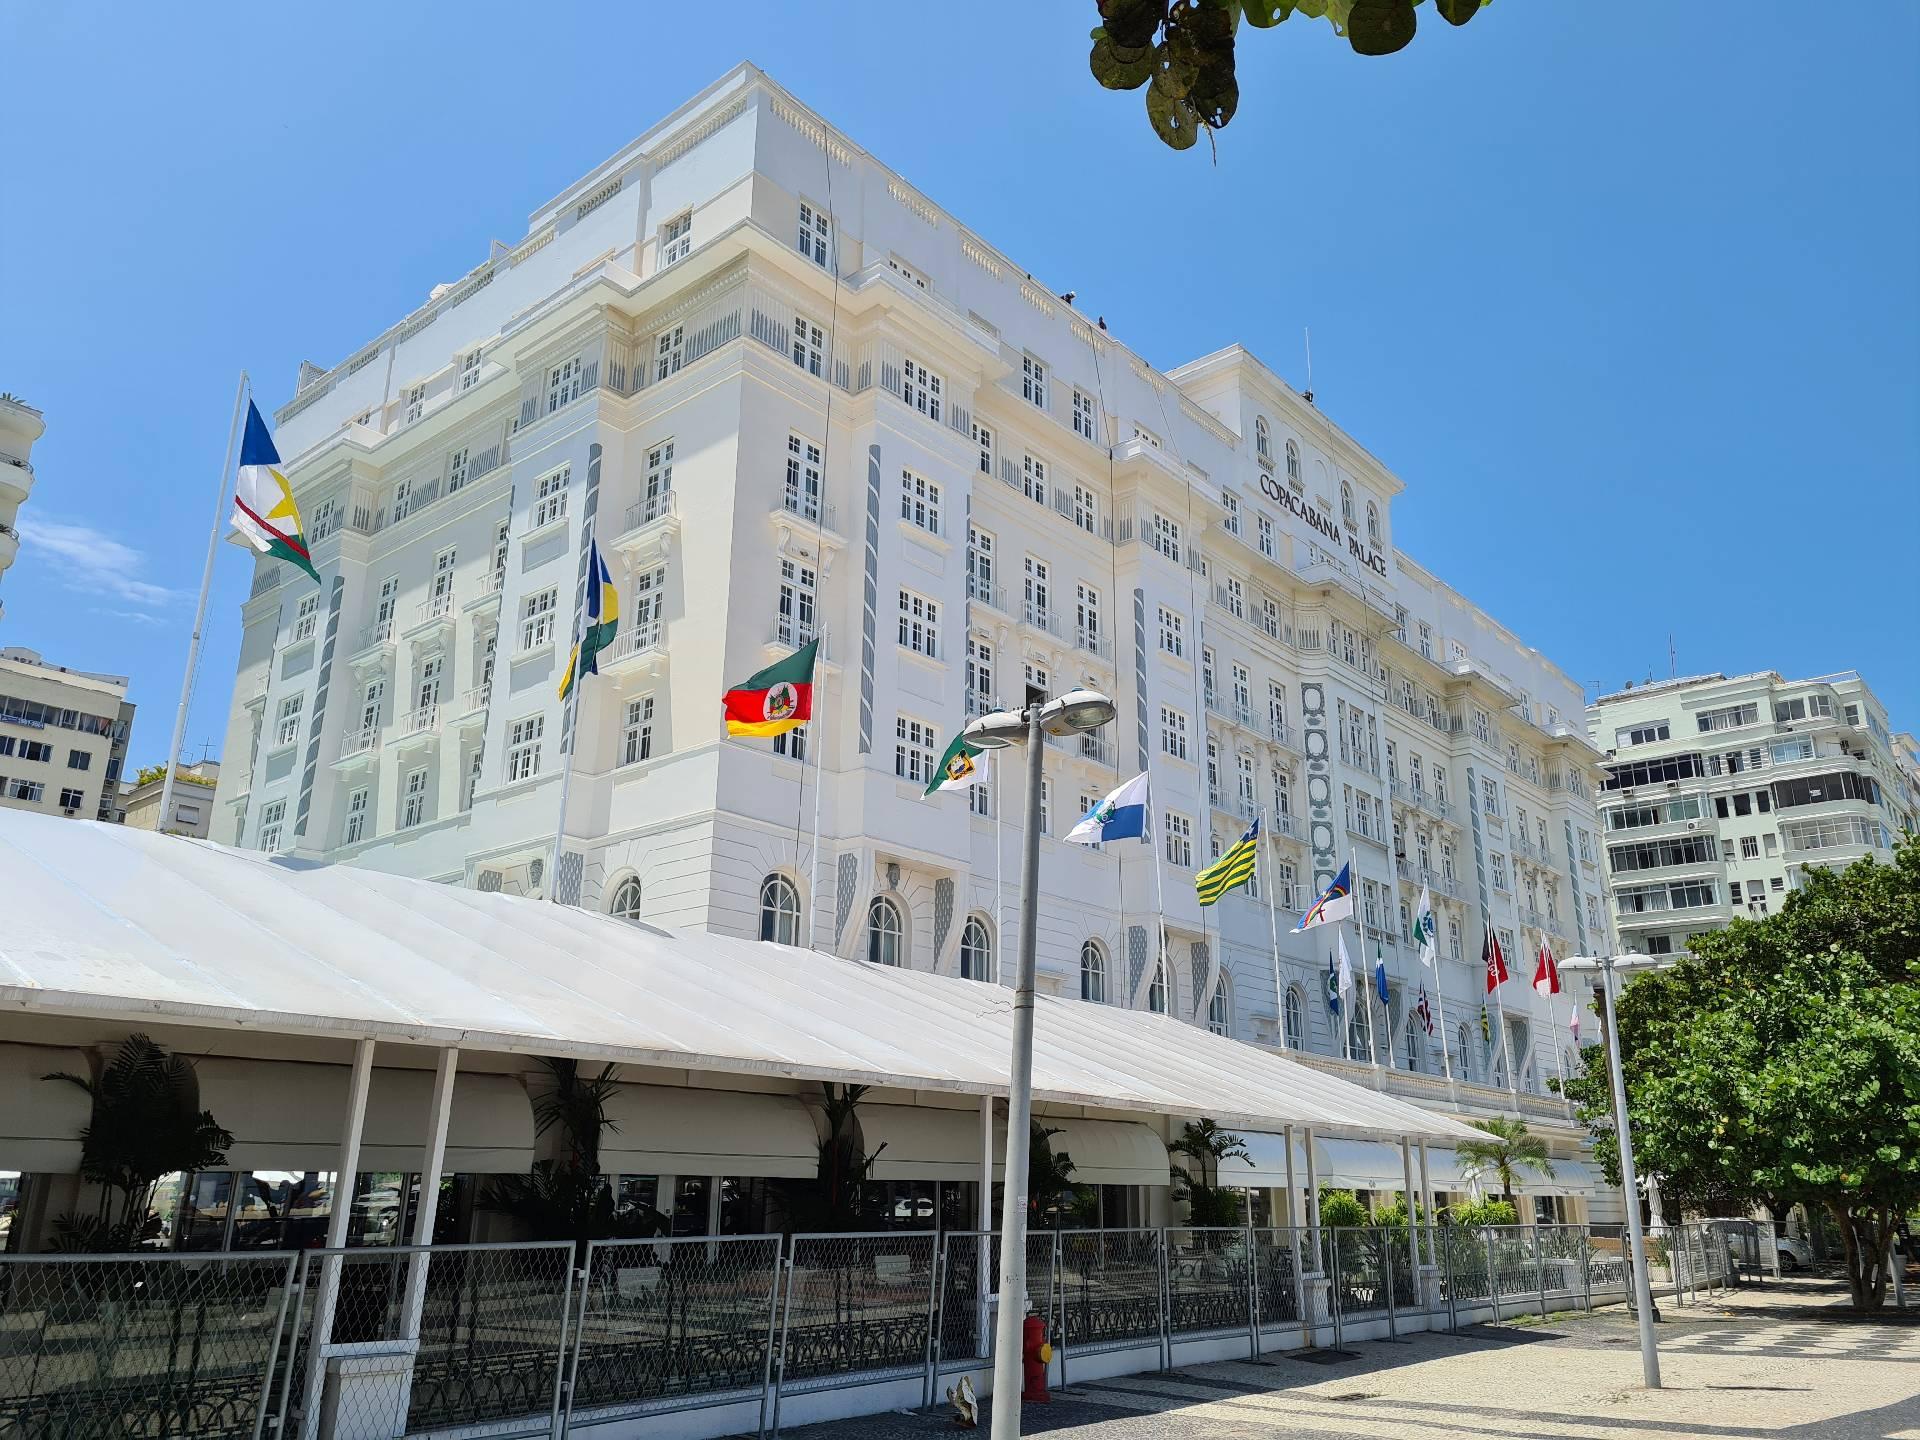 отель Copacabana Palace в Рио-де-Жанейро